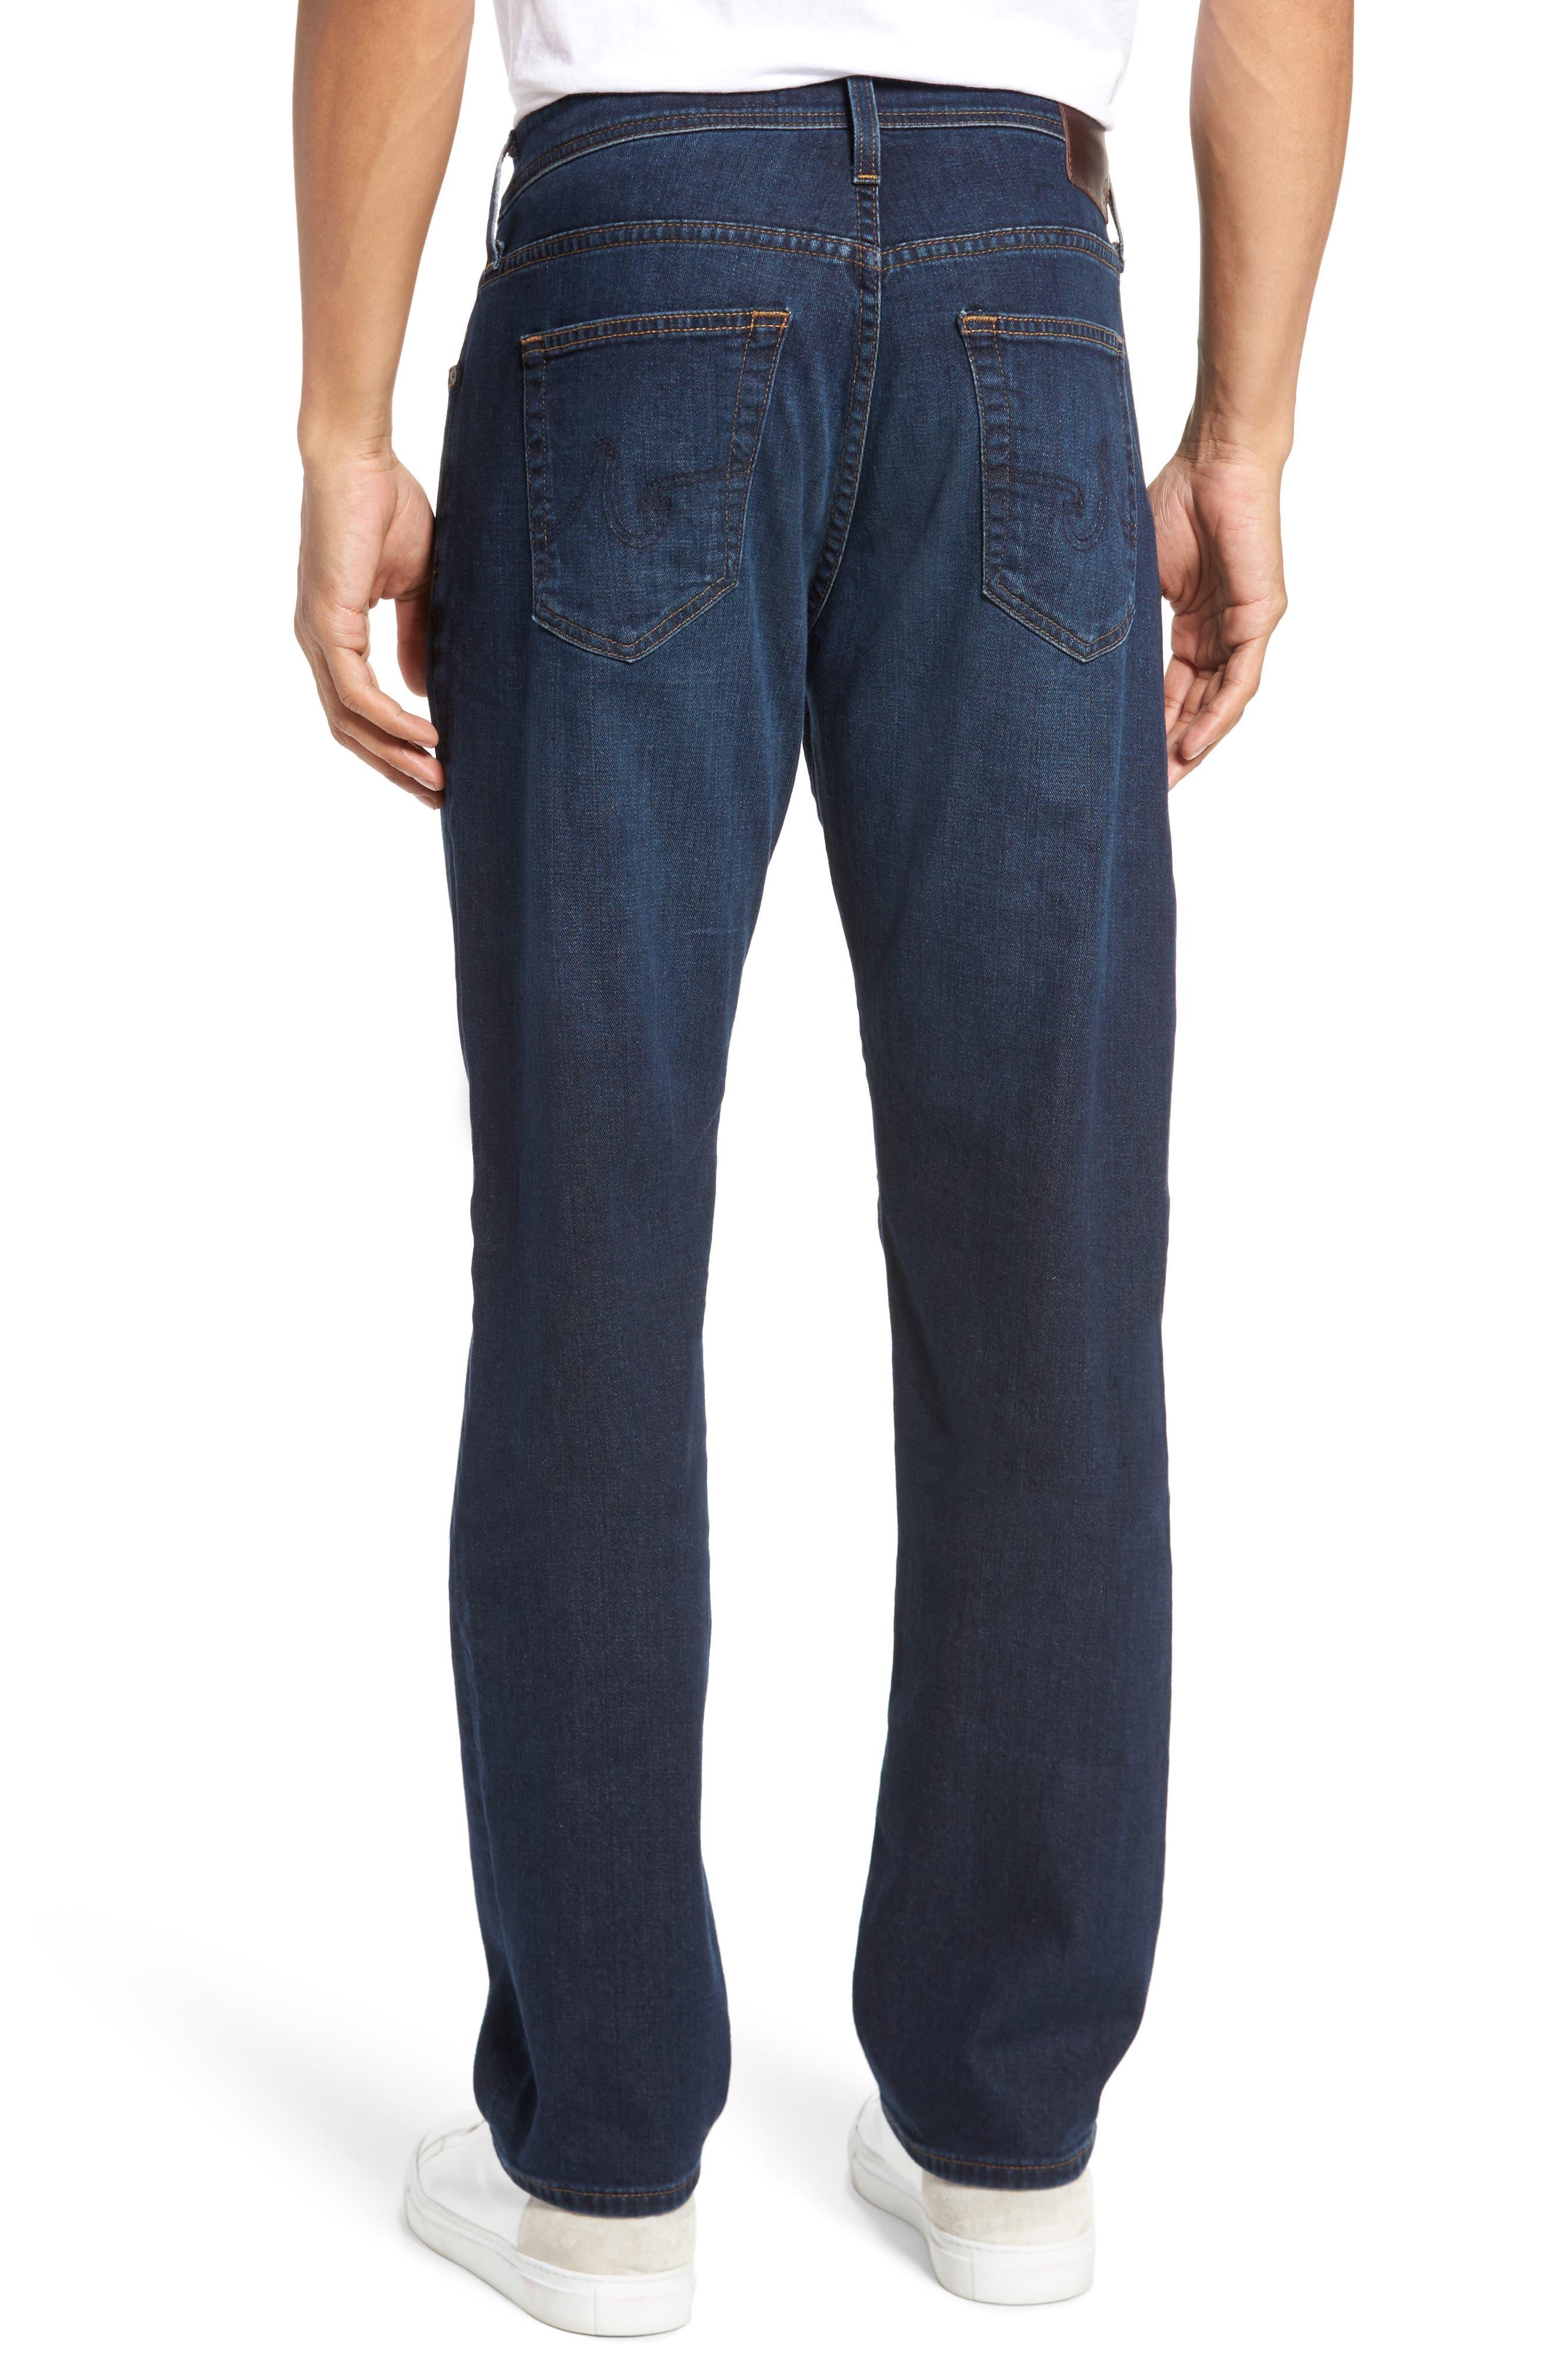 Everett Slim Straight Fit Jeans,                             Alternate thumbnail 2, color,                             WITNESS